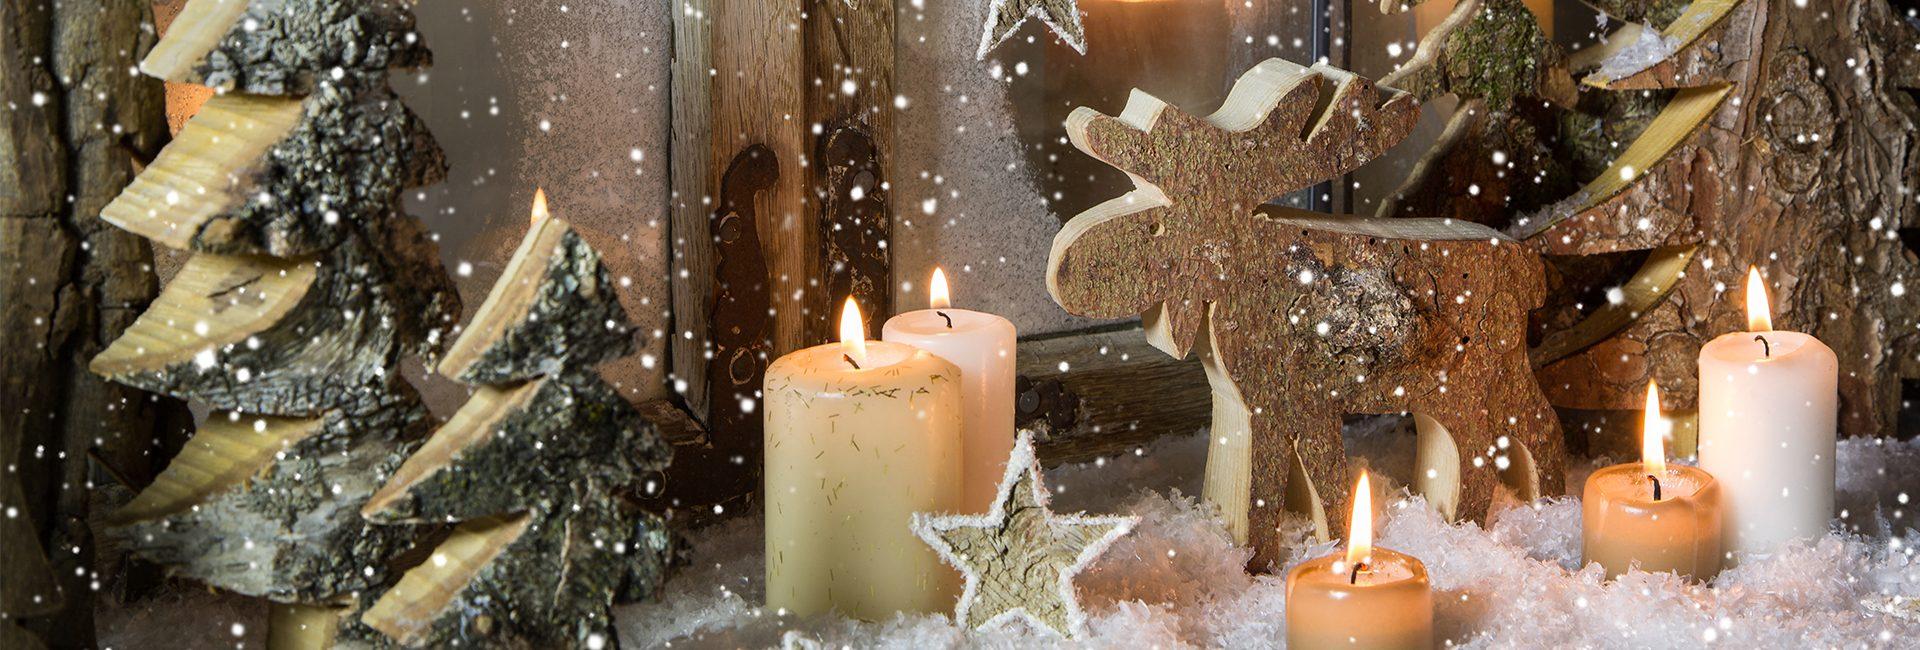 Weihnachtsdeko kaufen in Bad Tabarz